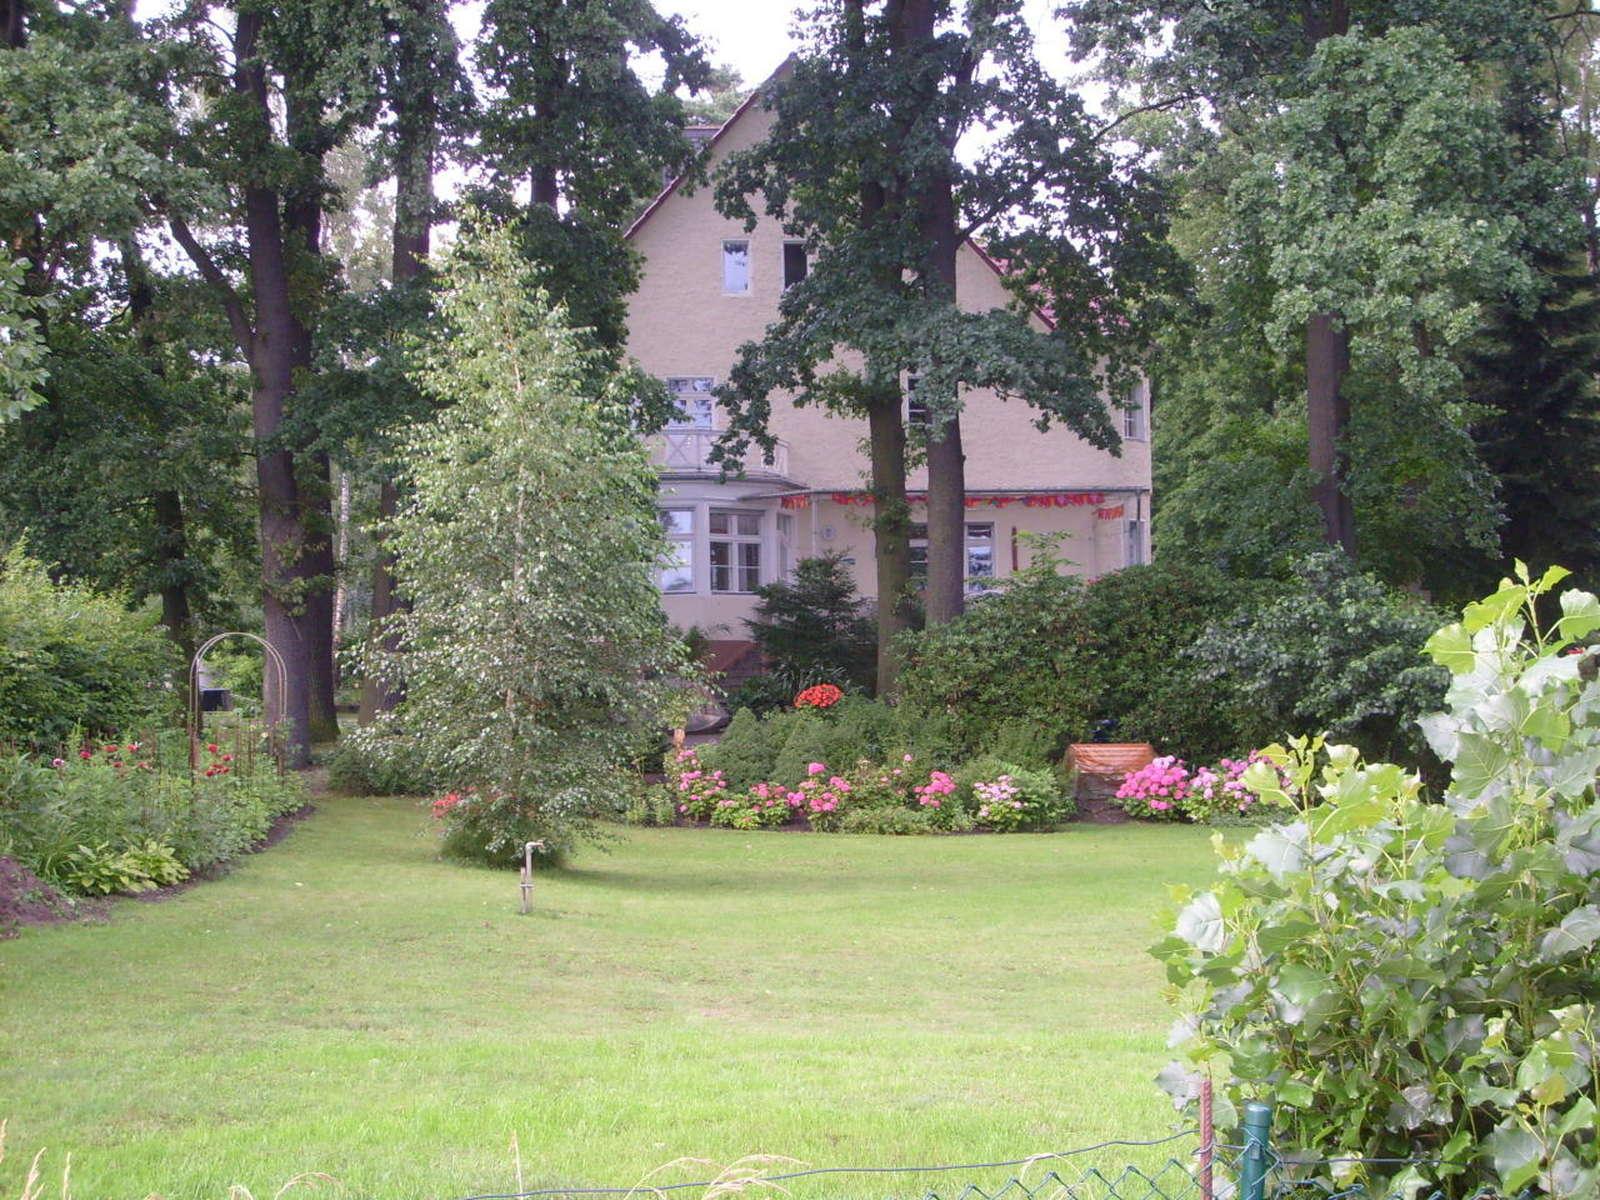 Innenarchitektur Alternative Zu Rasen Sammlung Von Villa Mit Garten Mit Bäumen Und Blumenbeet